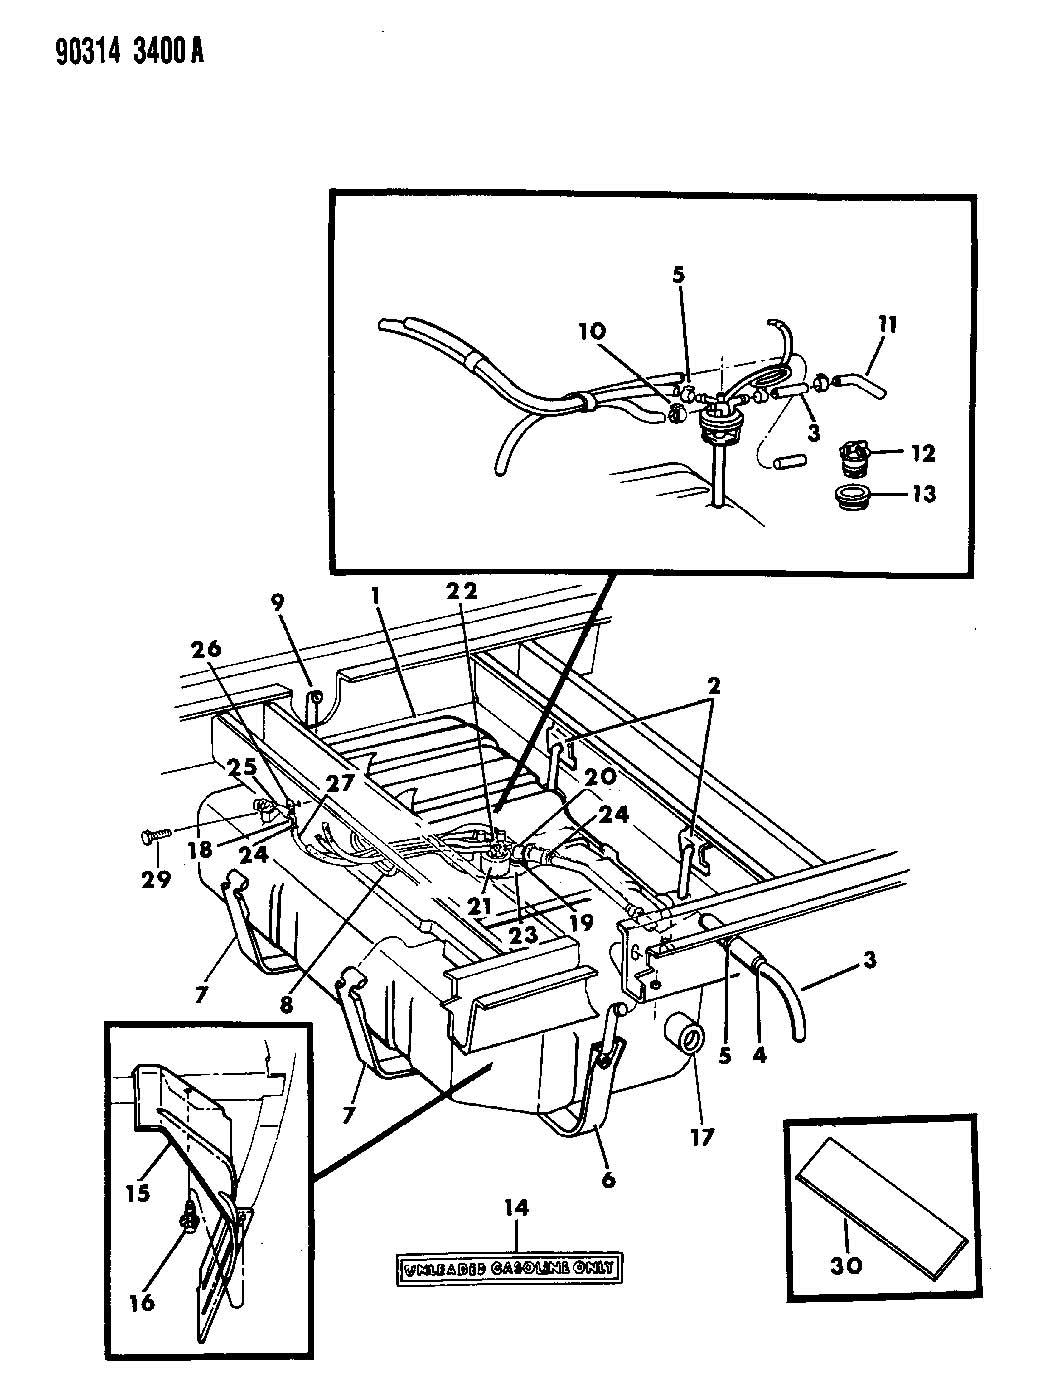 1992 Dodge Dakota Grommet. Fuel tank filler tube. Body